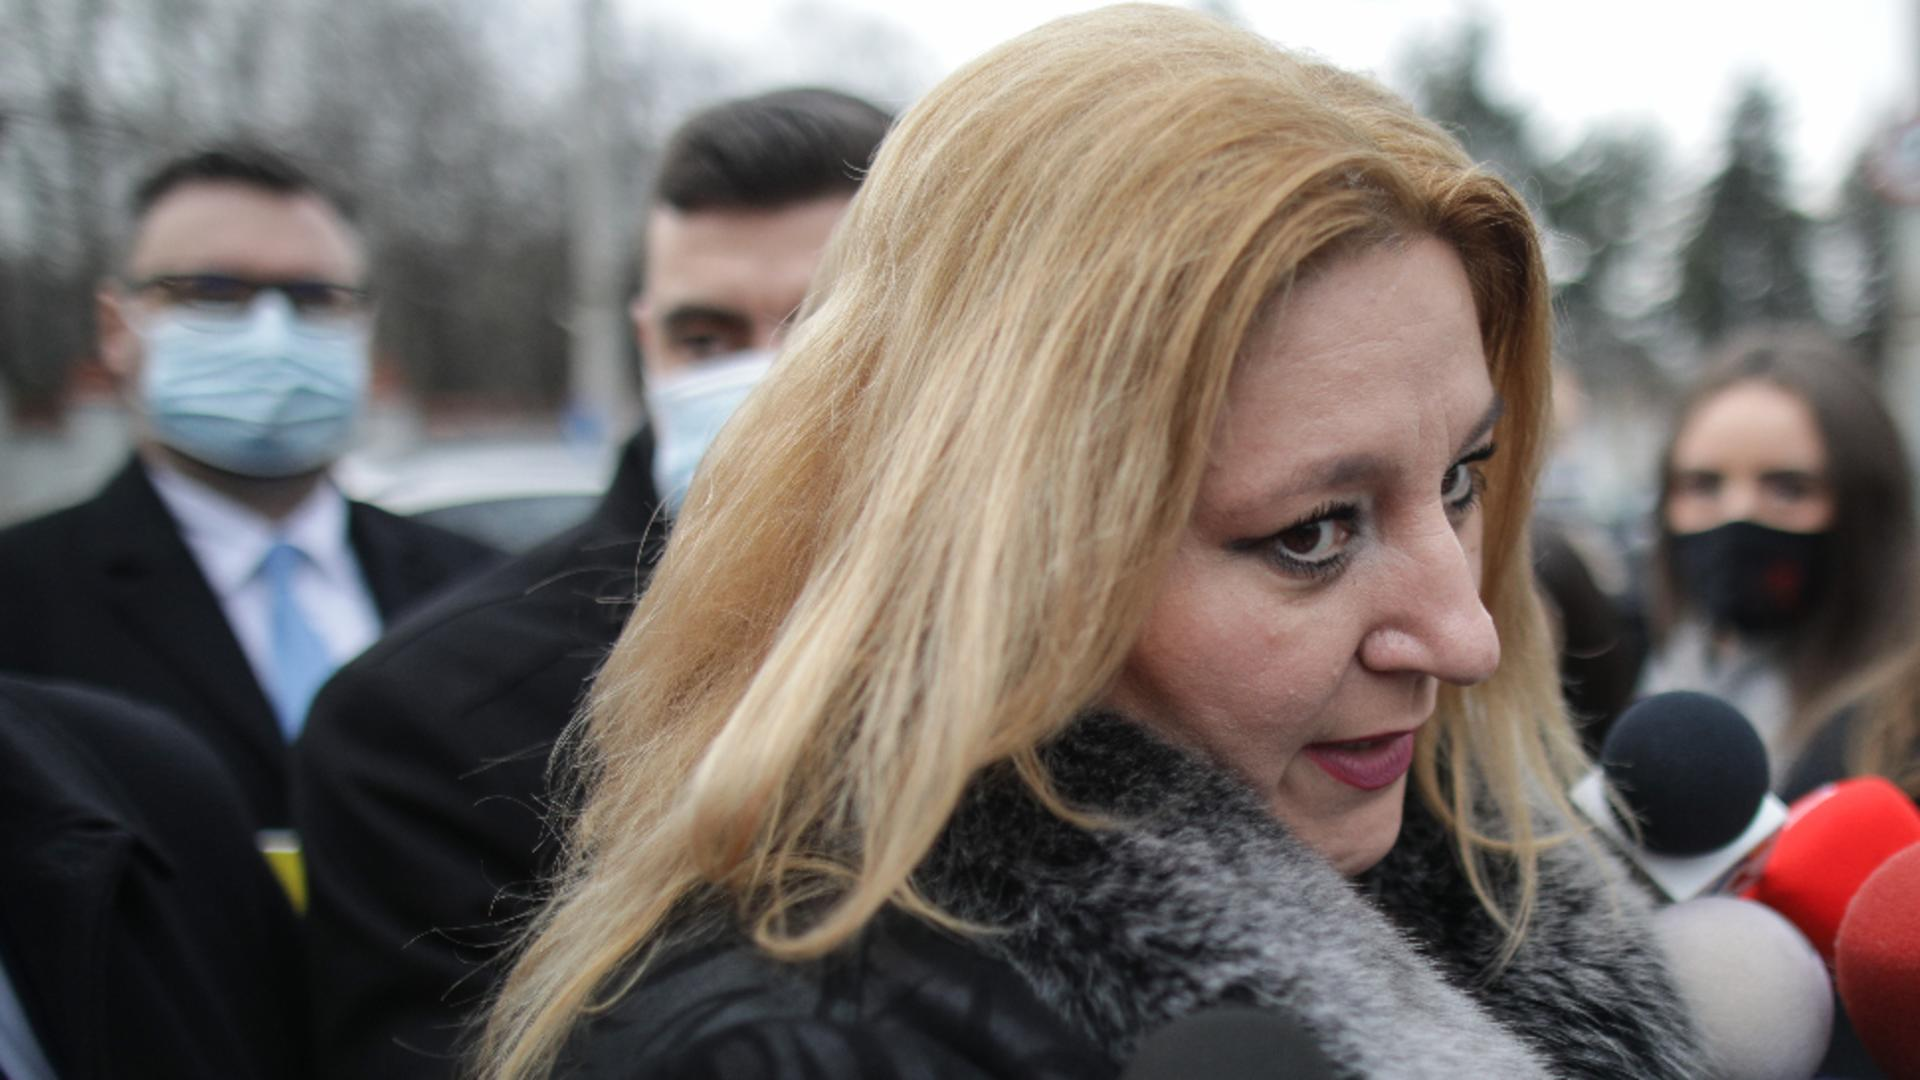 Diana Șoșoacă, dezvăluiri incendiare despre mafia adopțiile ilegale Foto: INQUAM/Octav Ganea